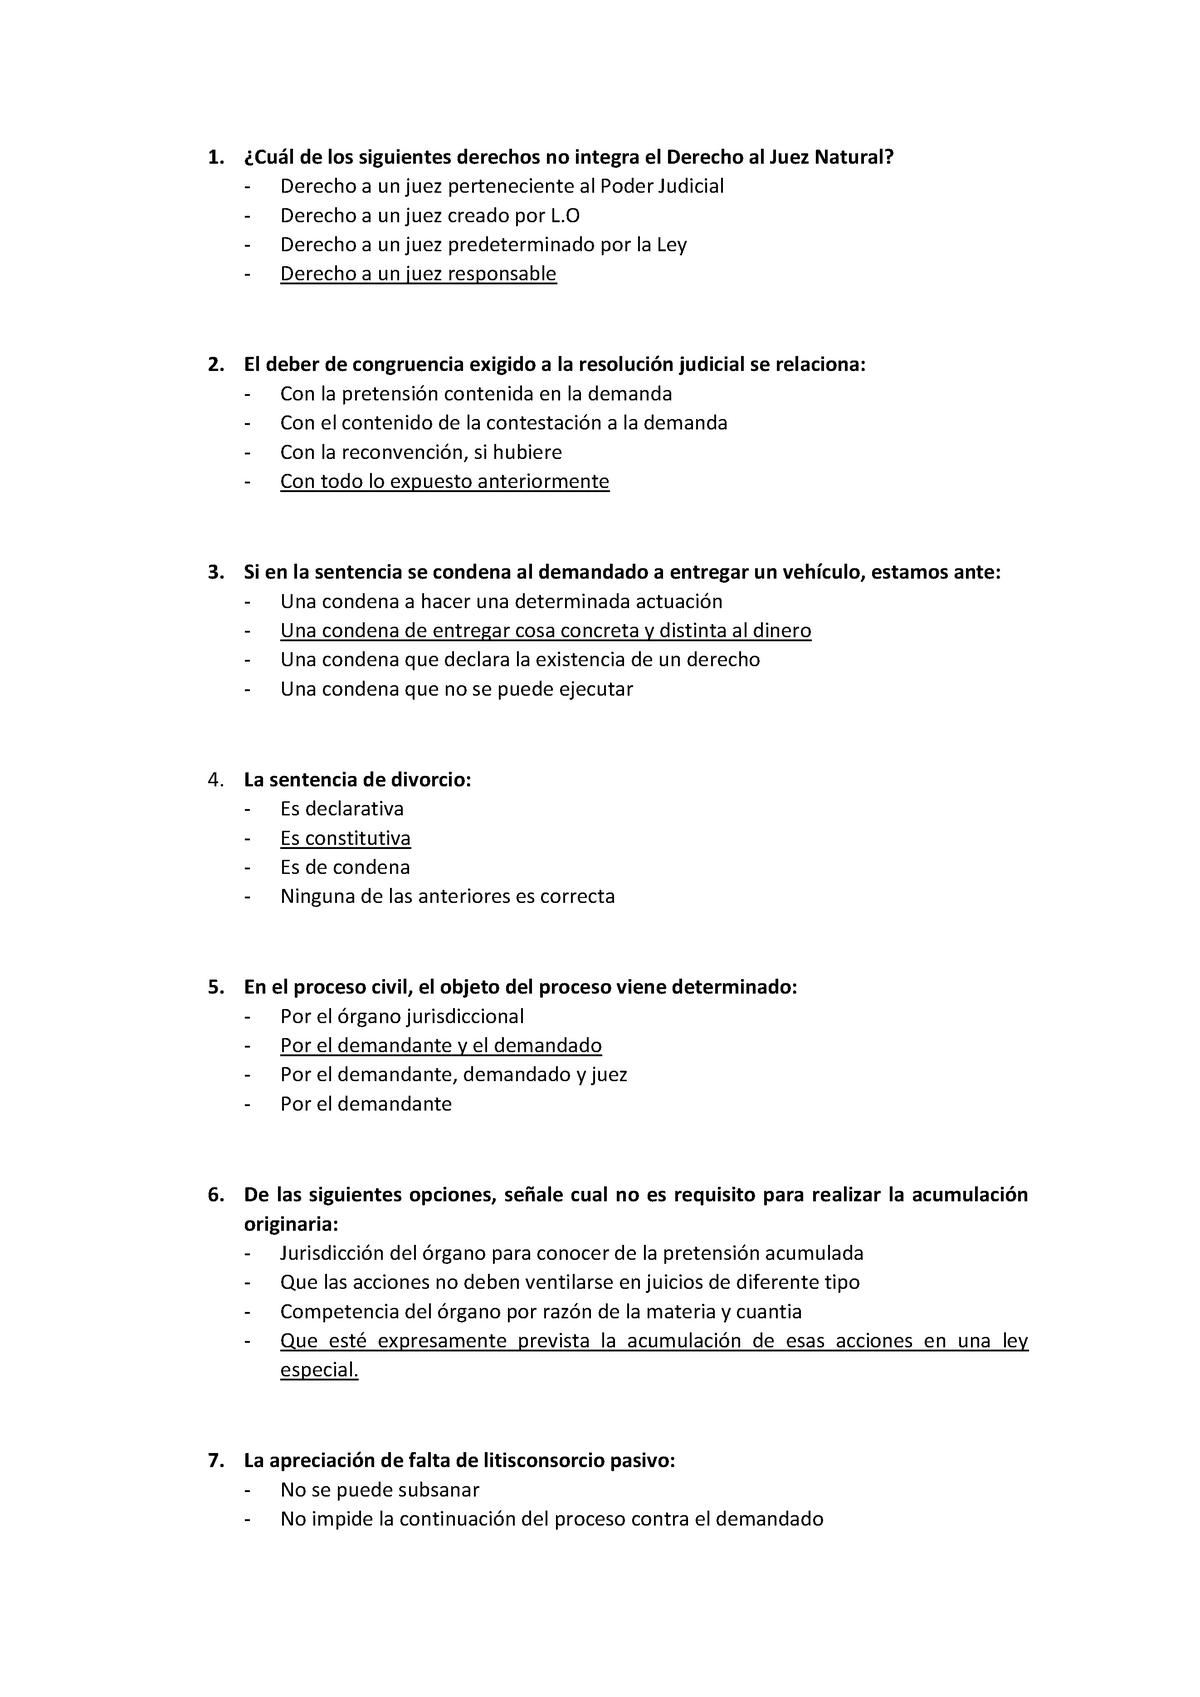 Examen 2015 Preguntas Y Respuestas Studocu